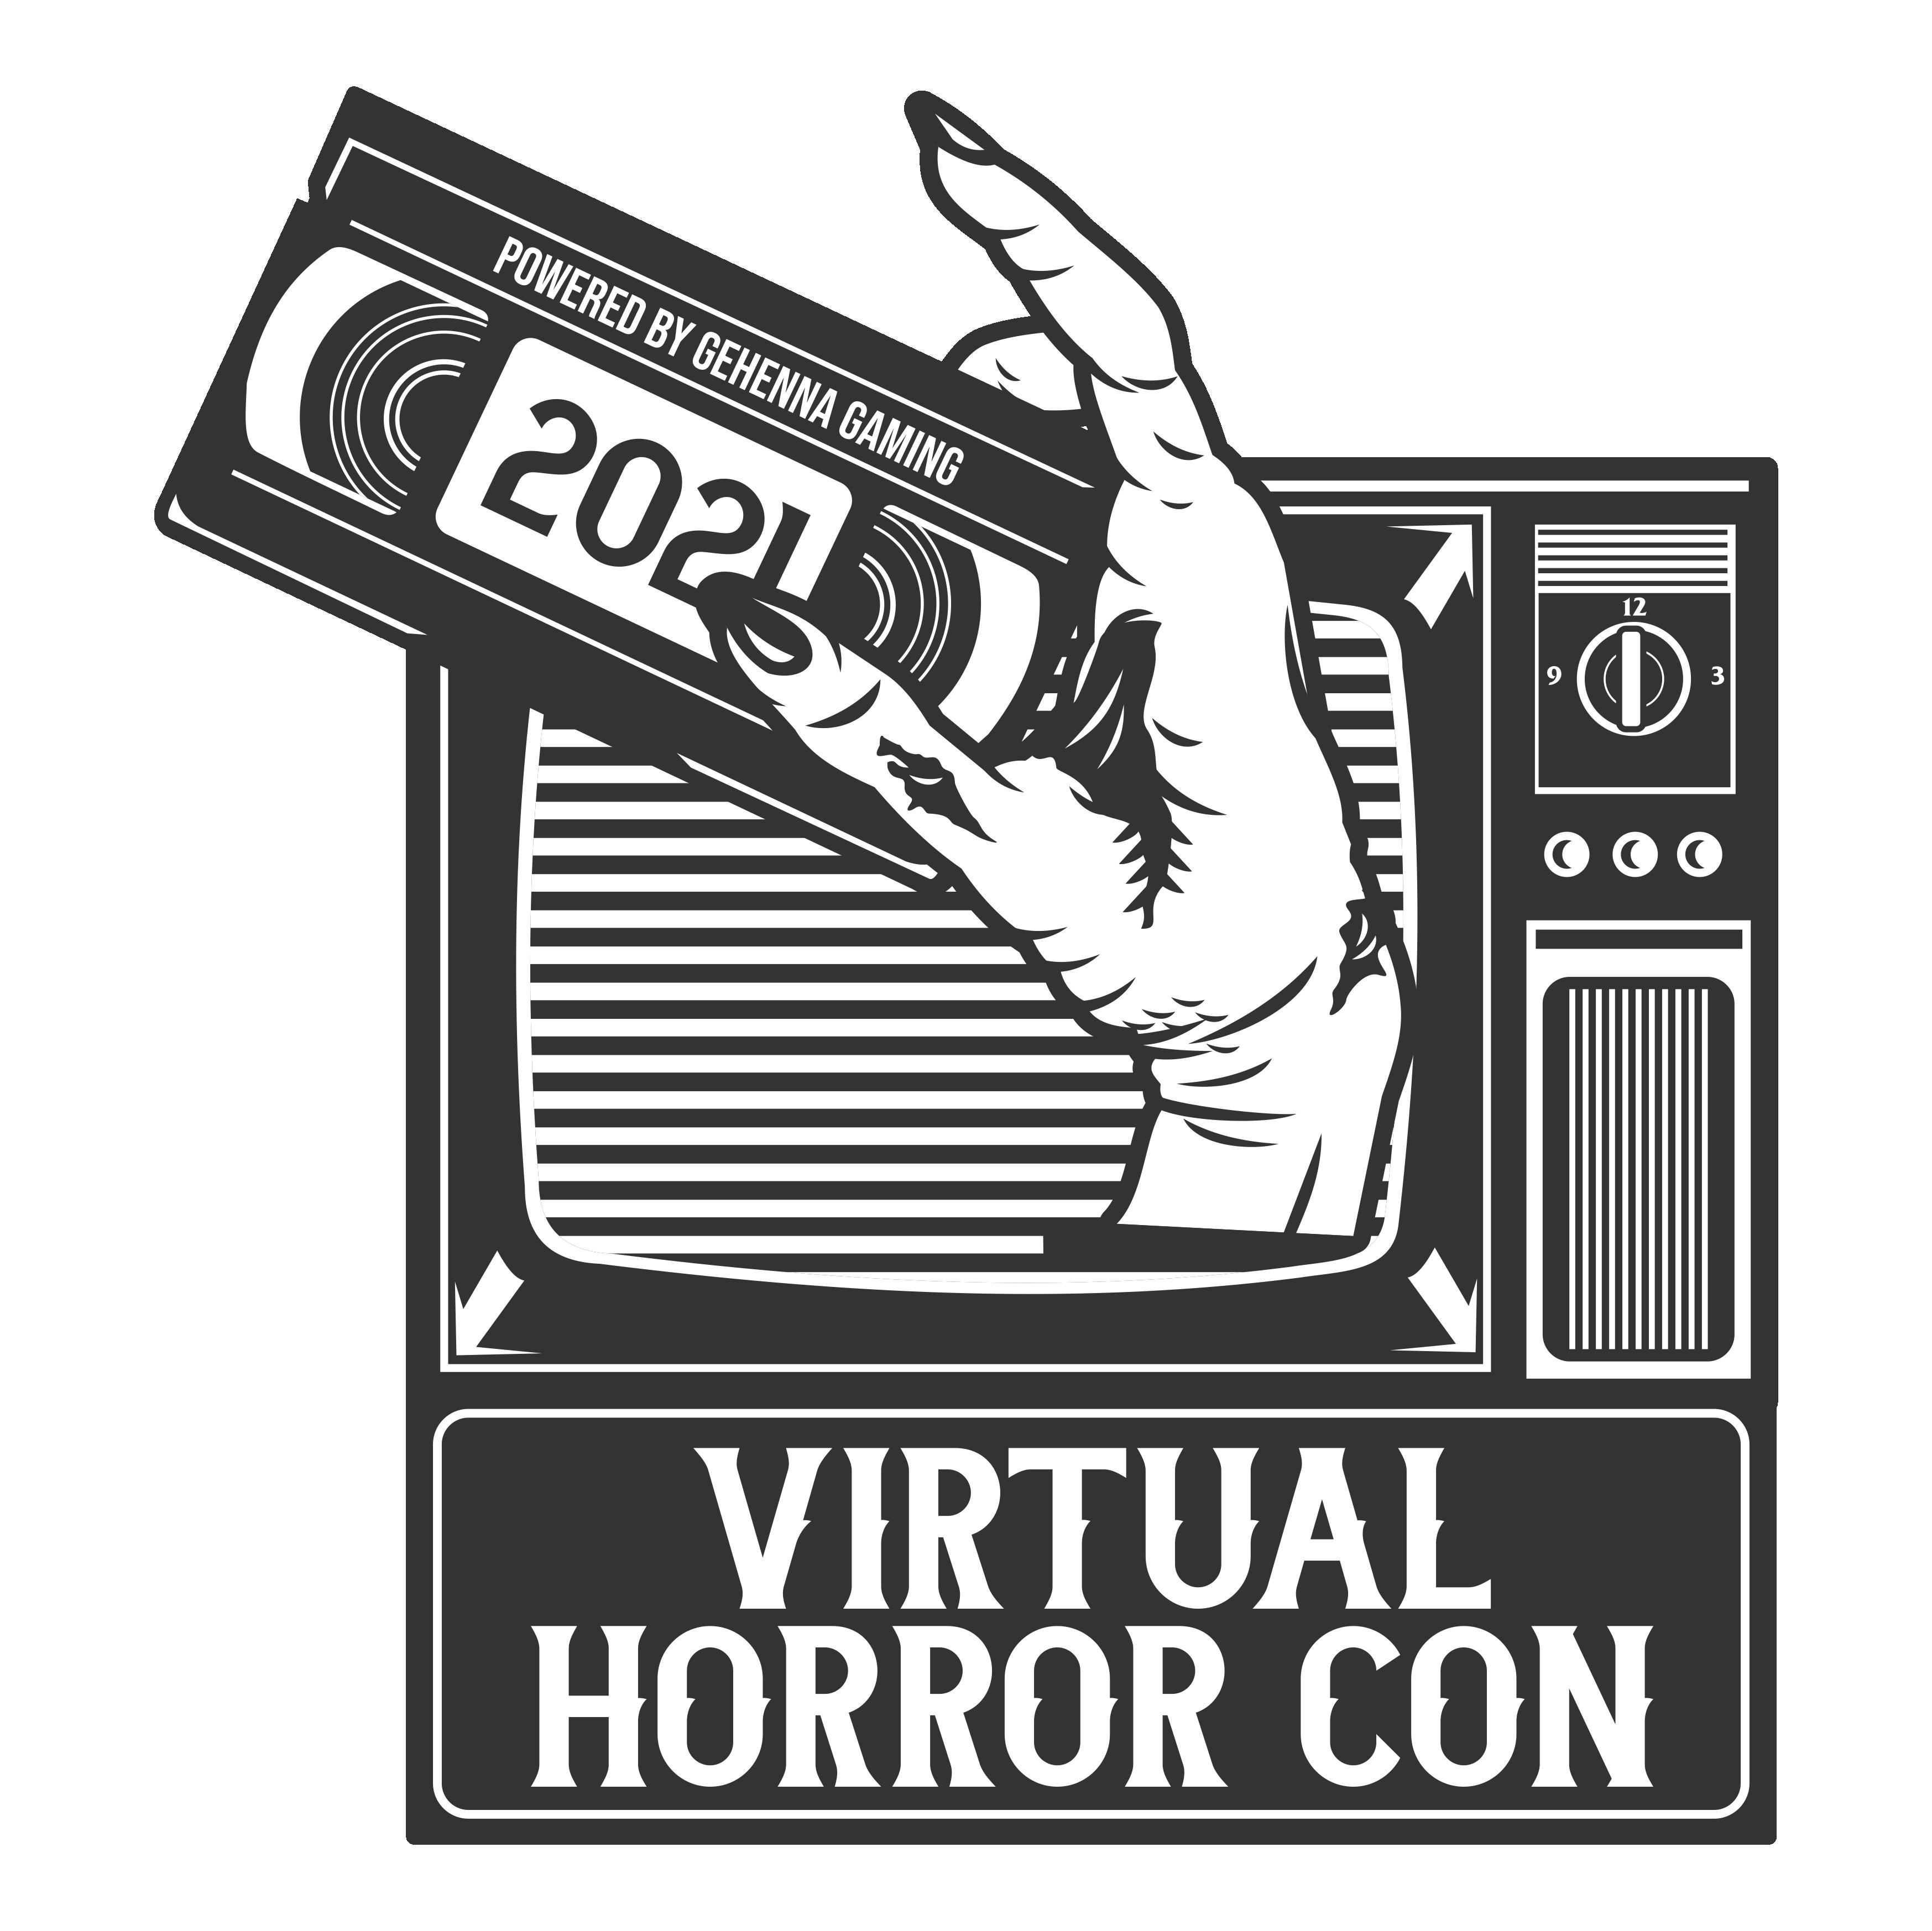 Virtual Horror Con 2021